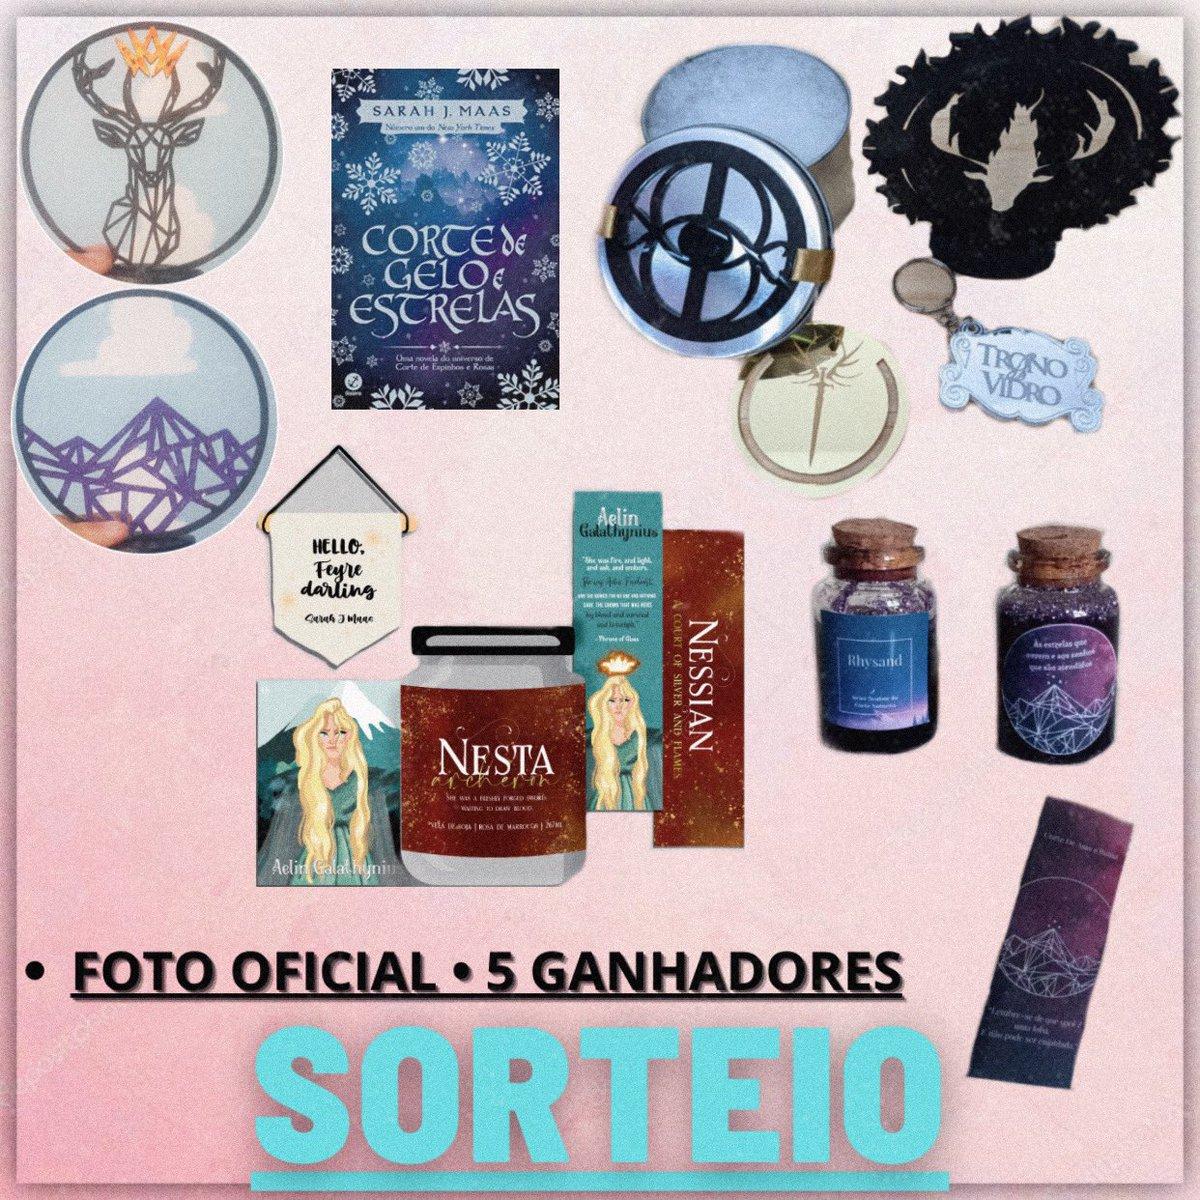 Replying to @acotarsaga: ✨SUPER SORTEIO ROLANDO NO INSTAGRAM ⚠️  Corram participar! 🥳 Link: